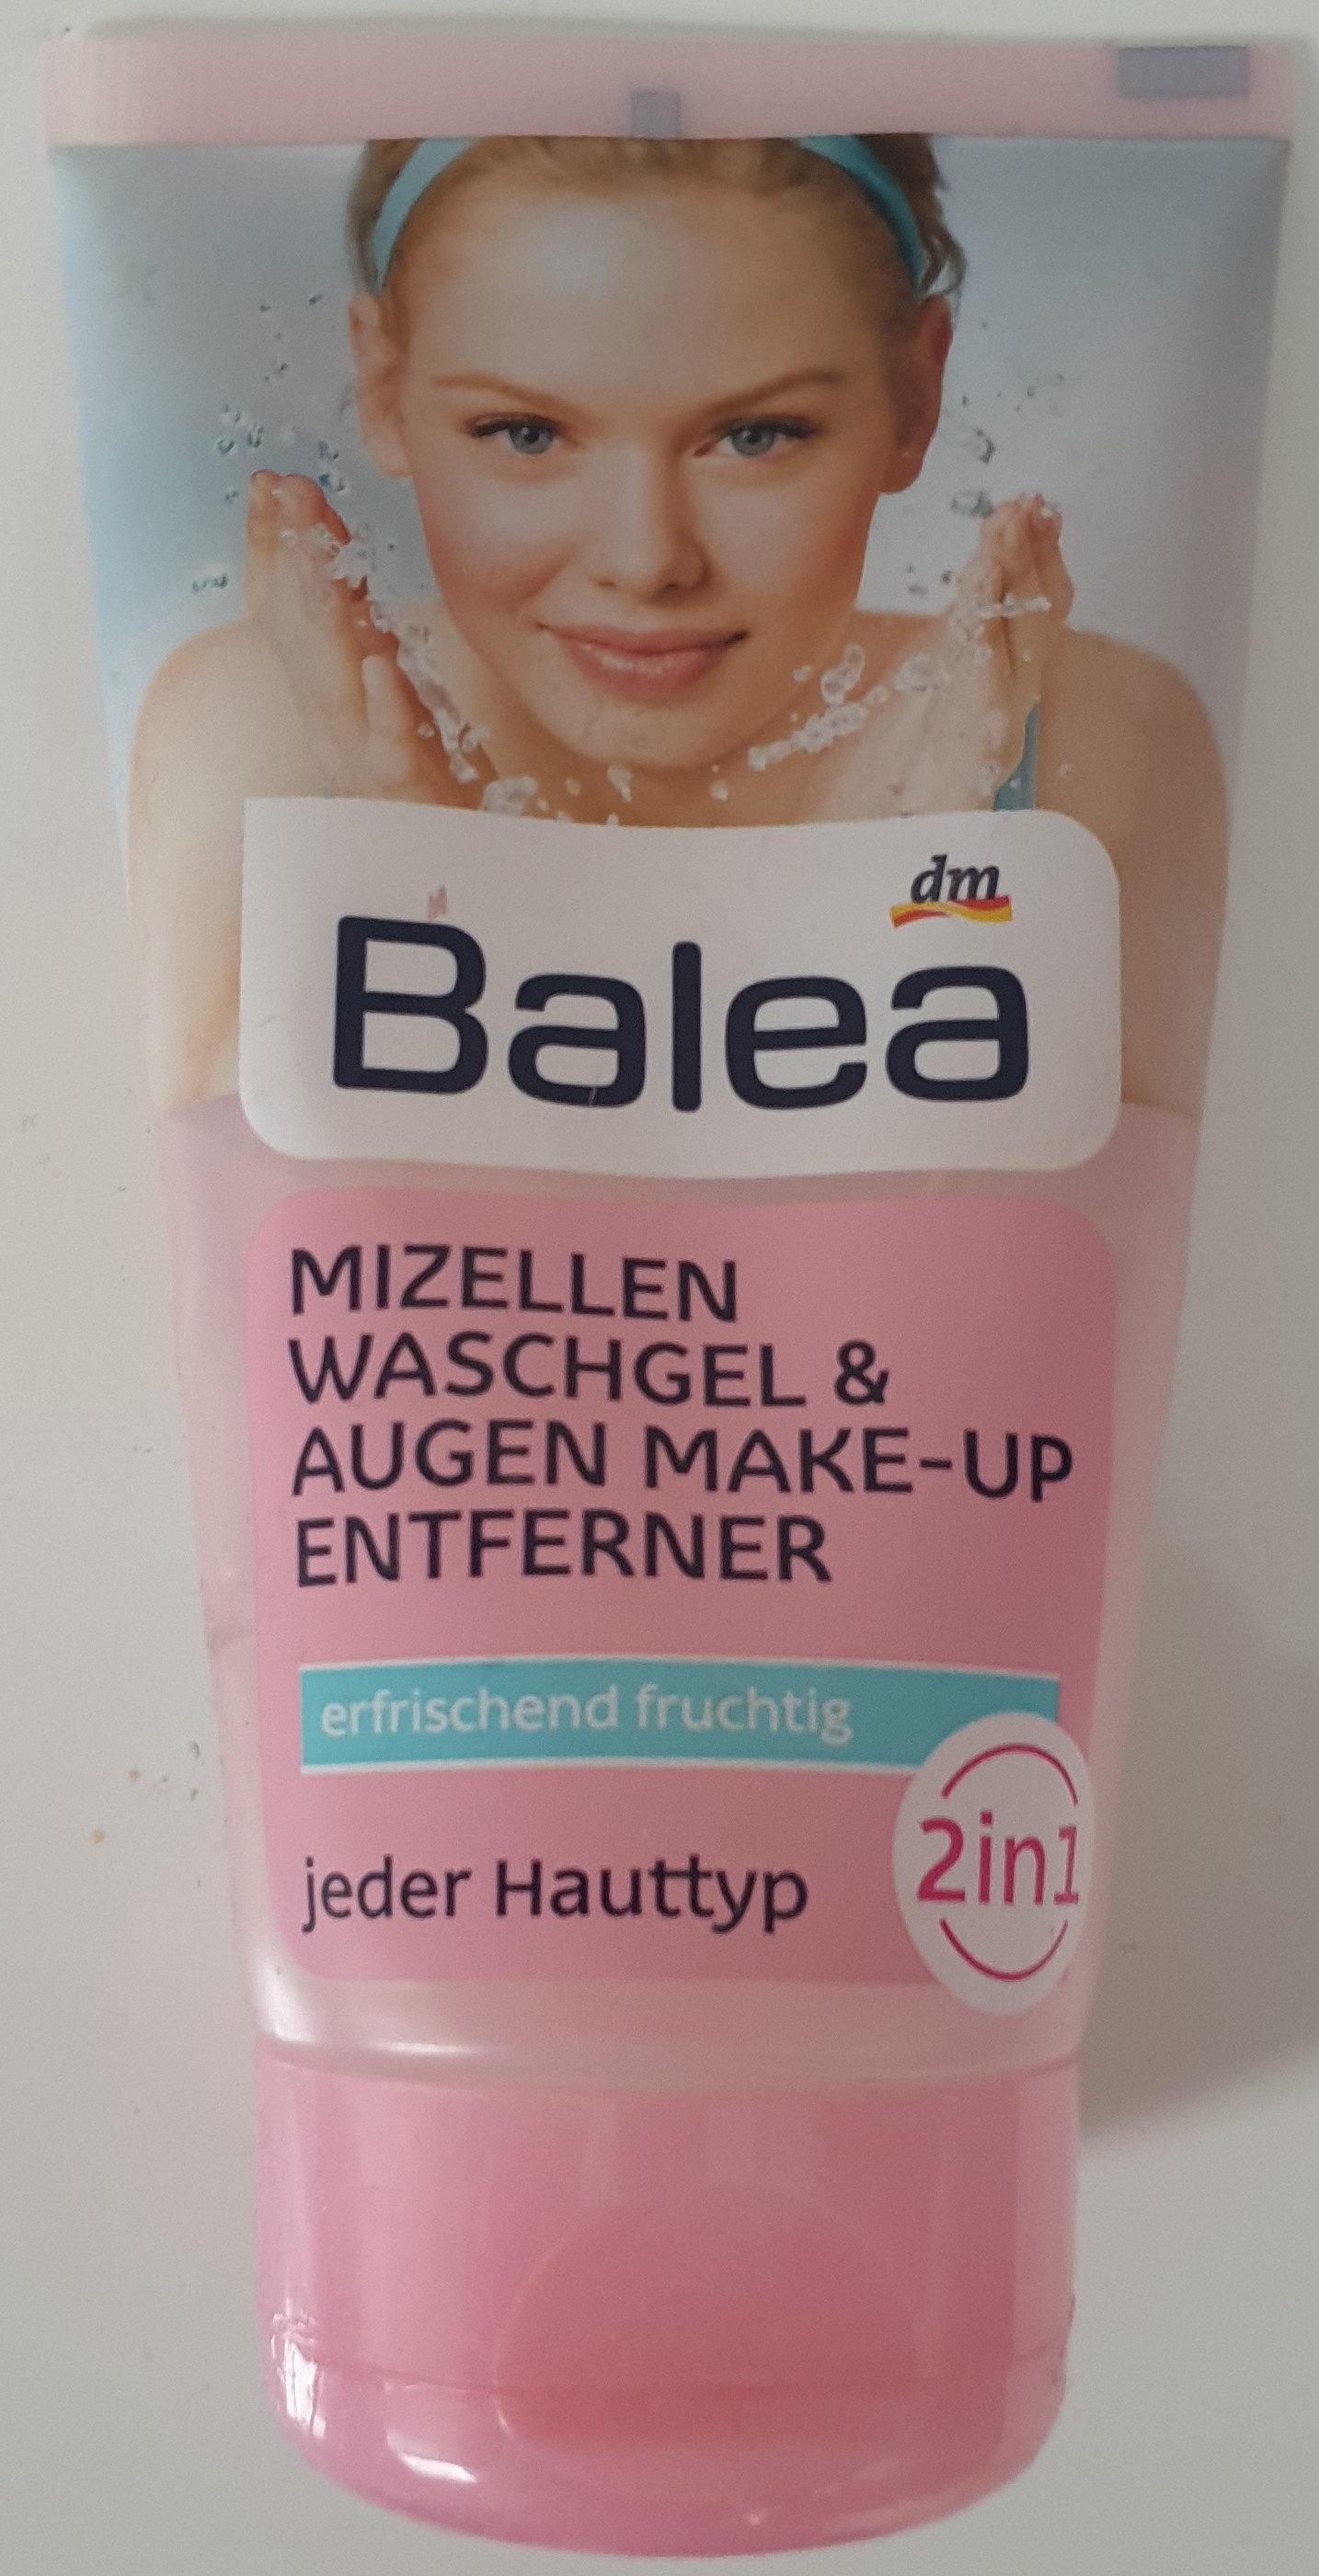 Mizellen Waschgel & Augen Make-Up Entferner - Product - de